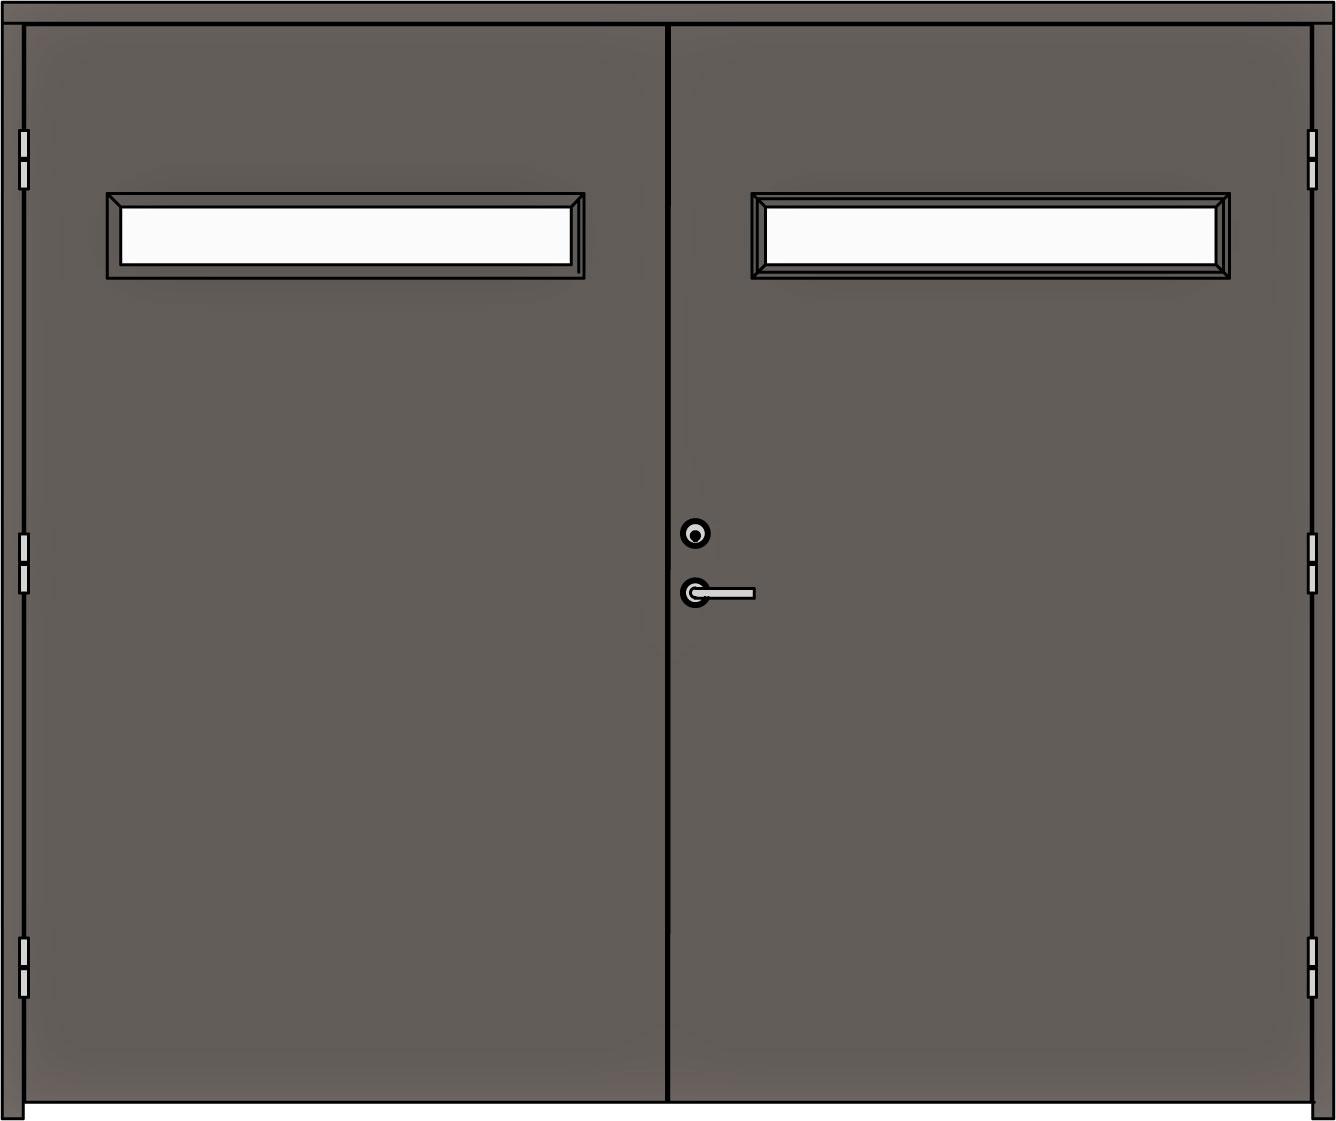 1121 #322F2D Garage Doors Leksandsdörren AB save image Ab Garage Doors 36471336